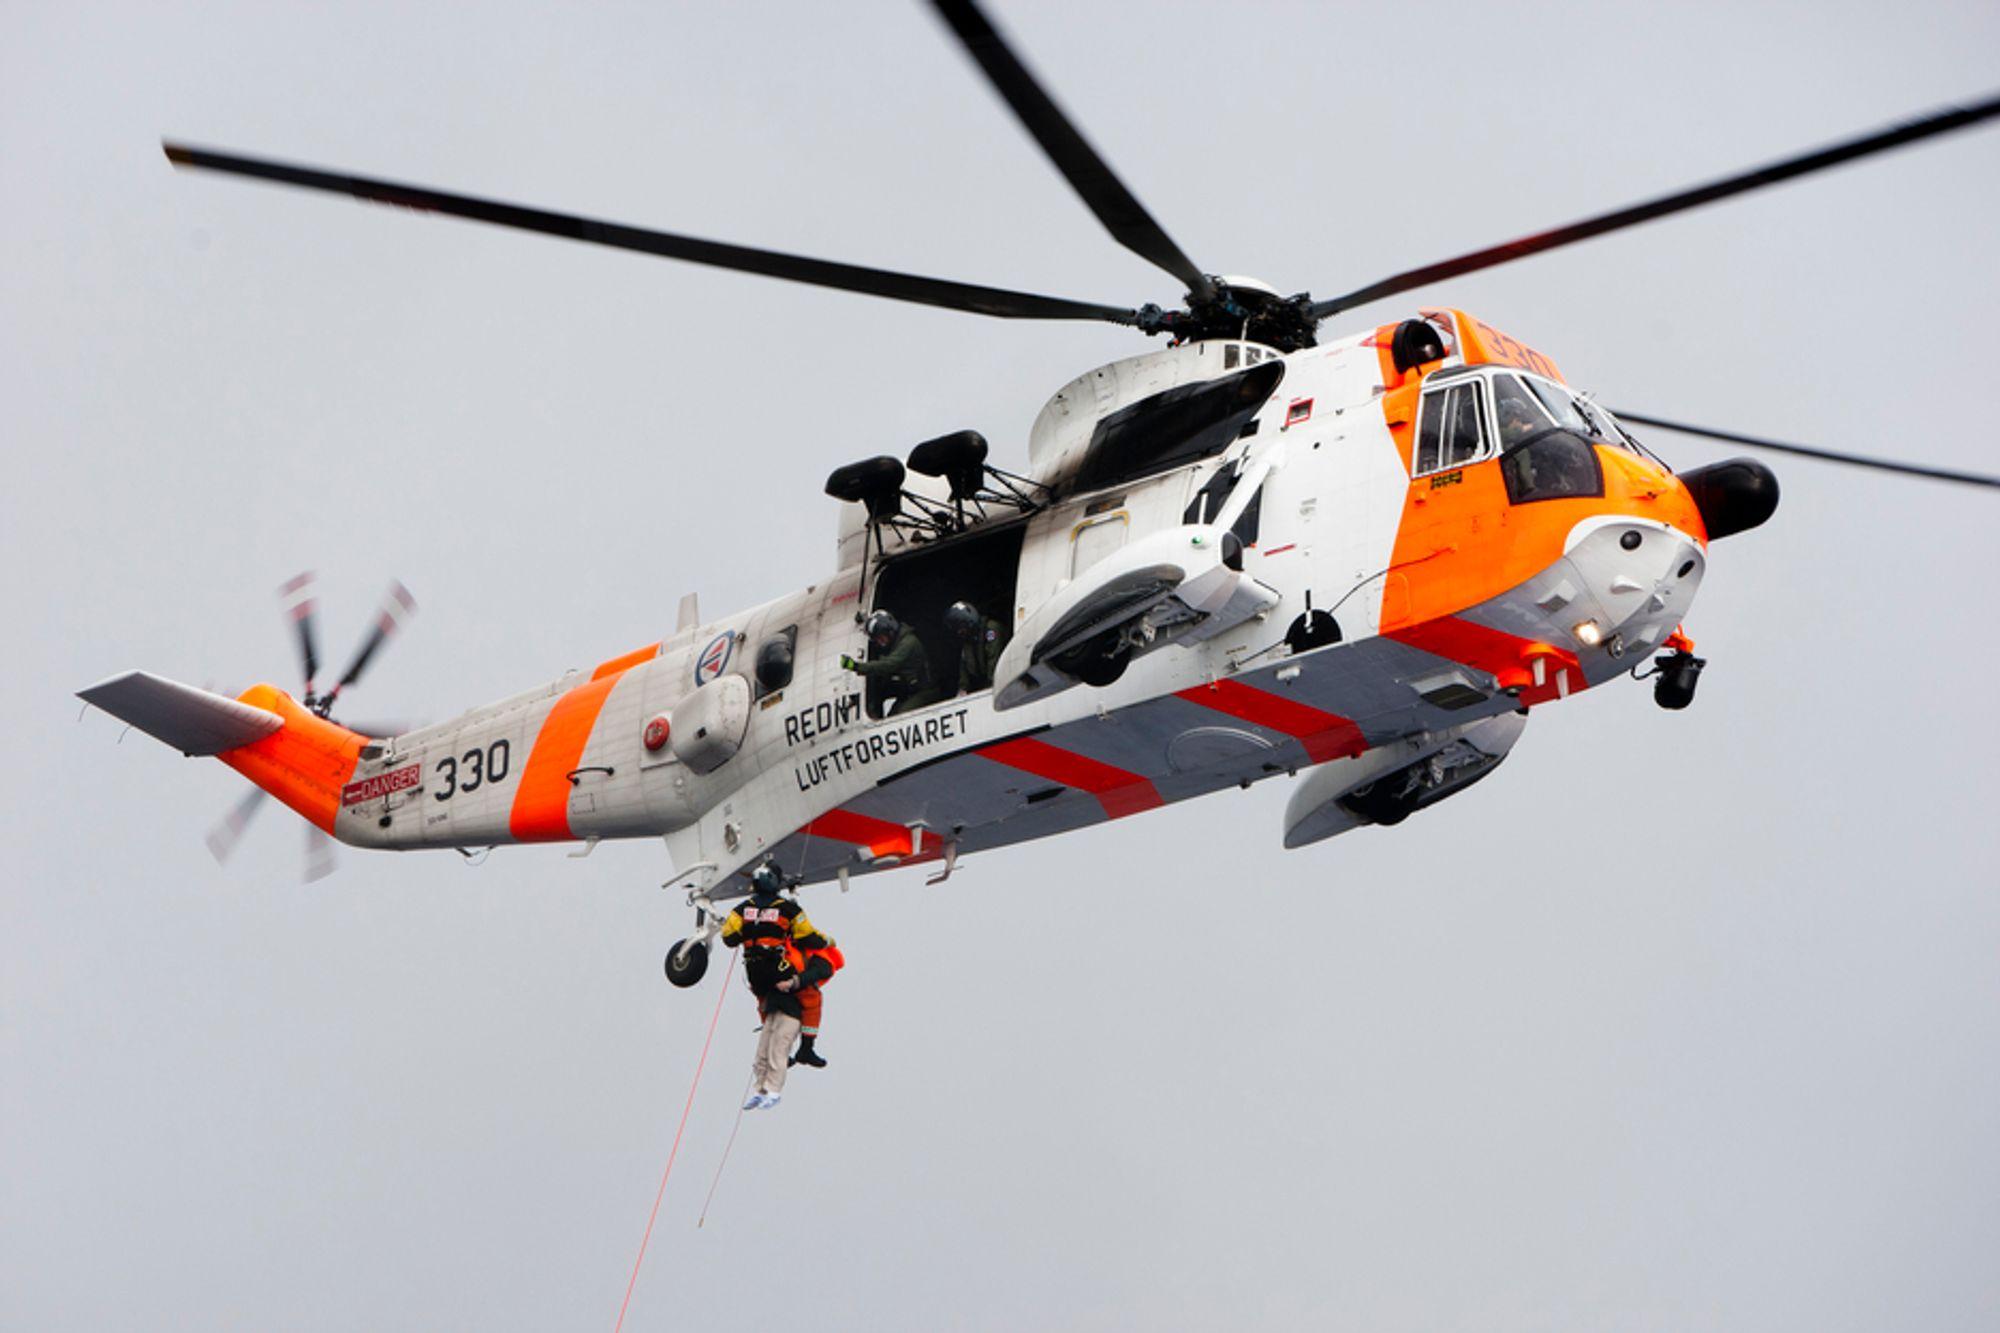 330-skvadronens Sea King på en øvelse i Oslofjorden tidligere i år.